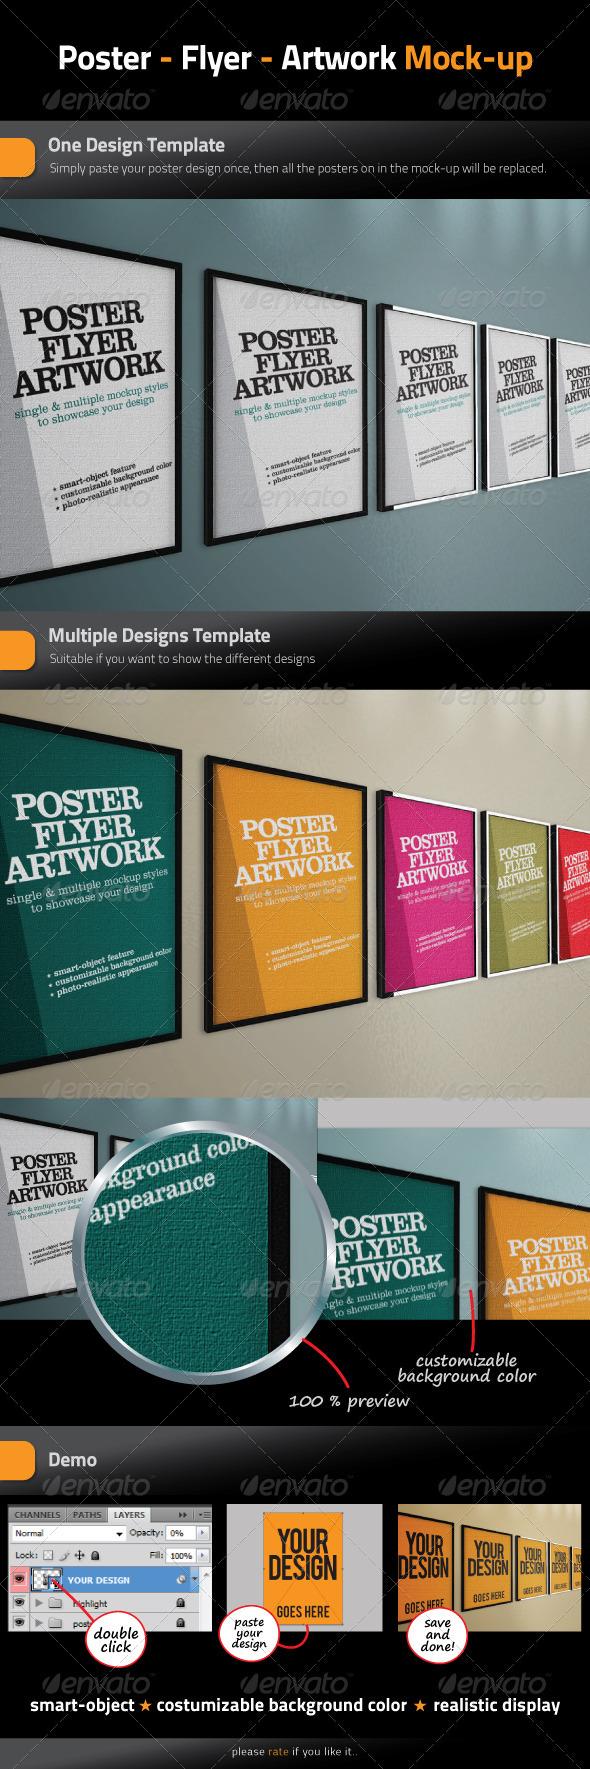 GraphicRiver Poster Flyer Artwork Mock-Up 843962